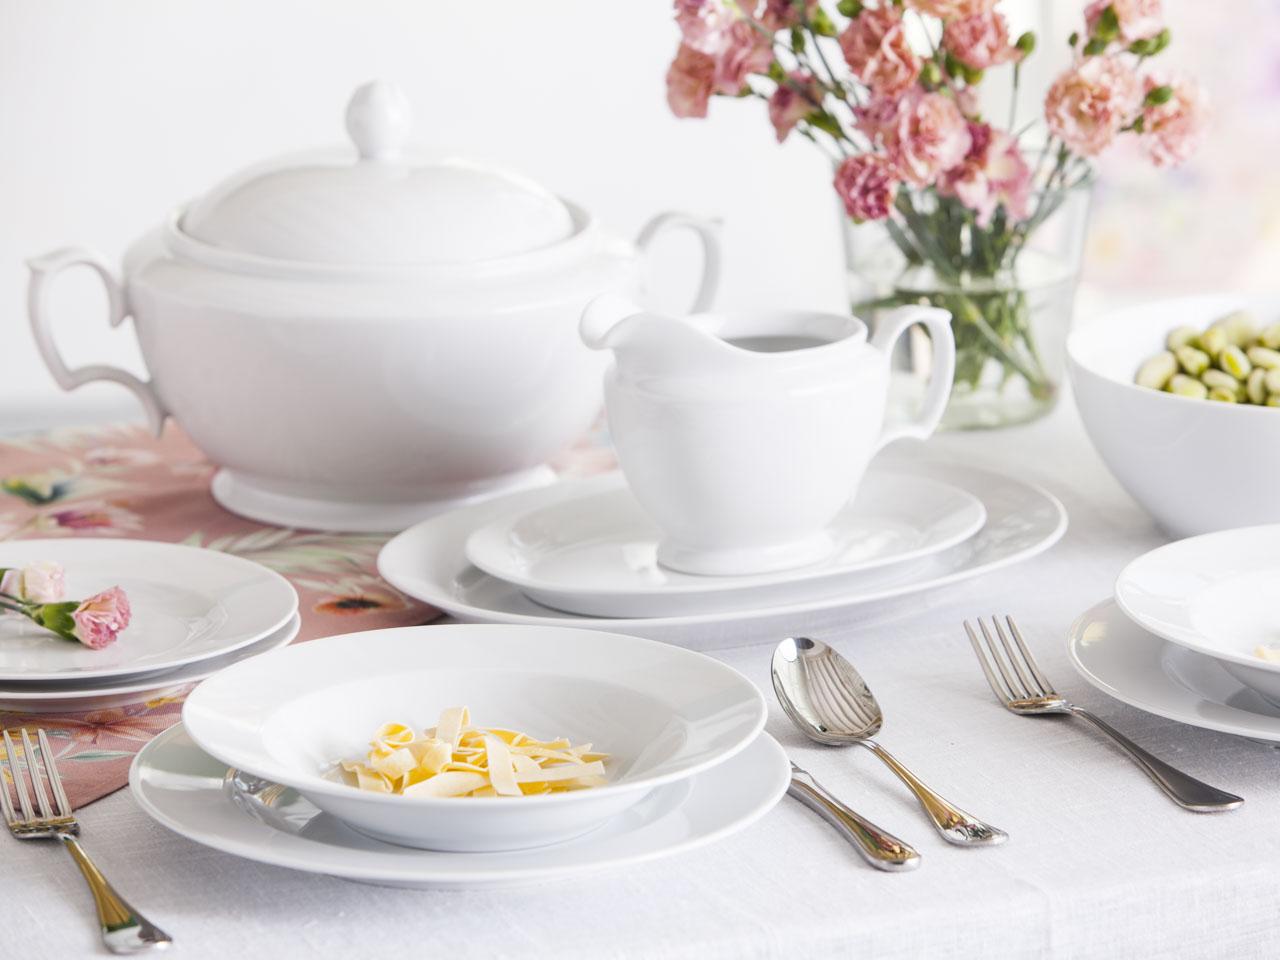 Waza na zupę MariaPaula Klasyka Biała